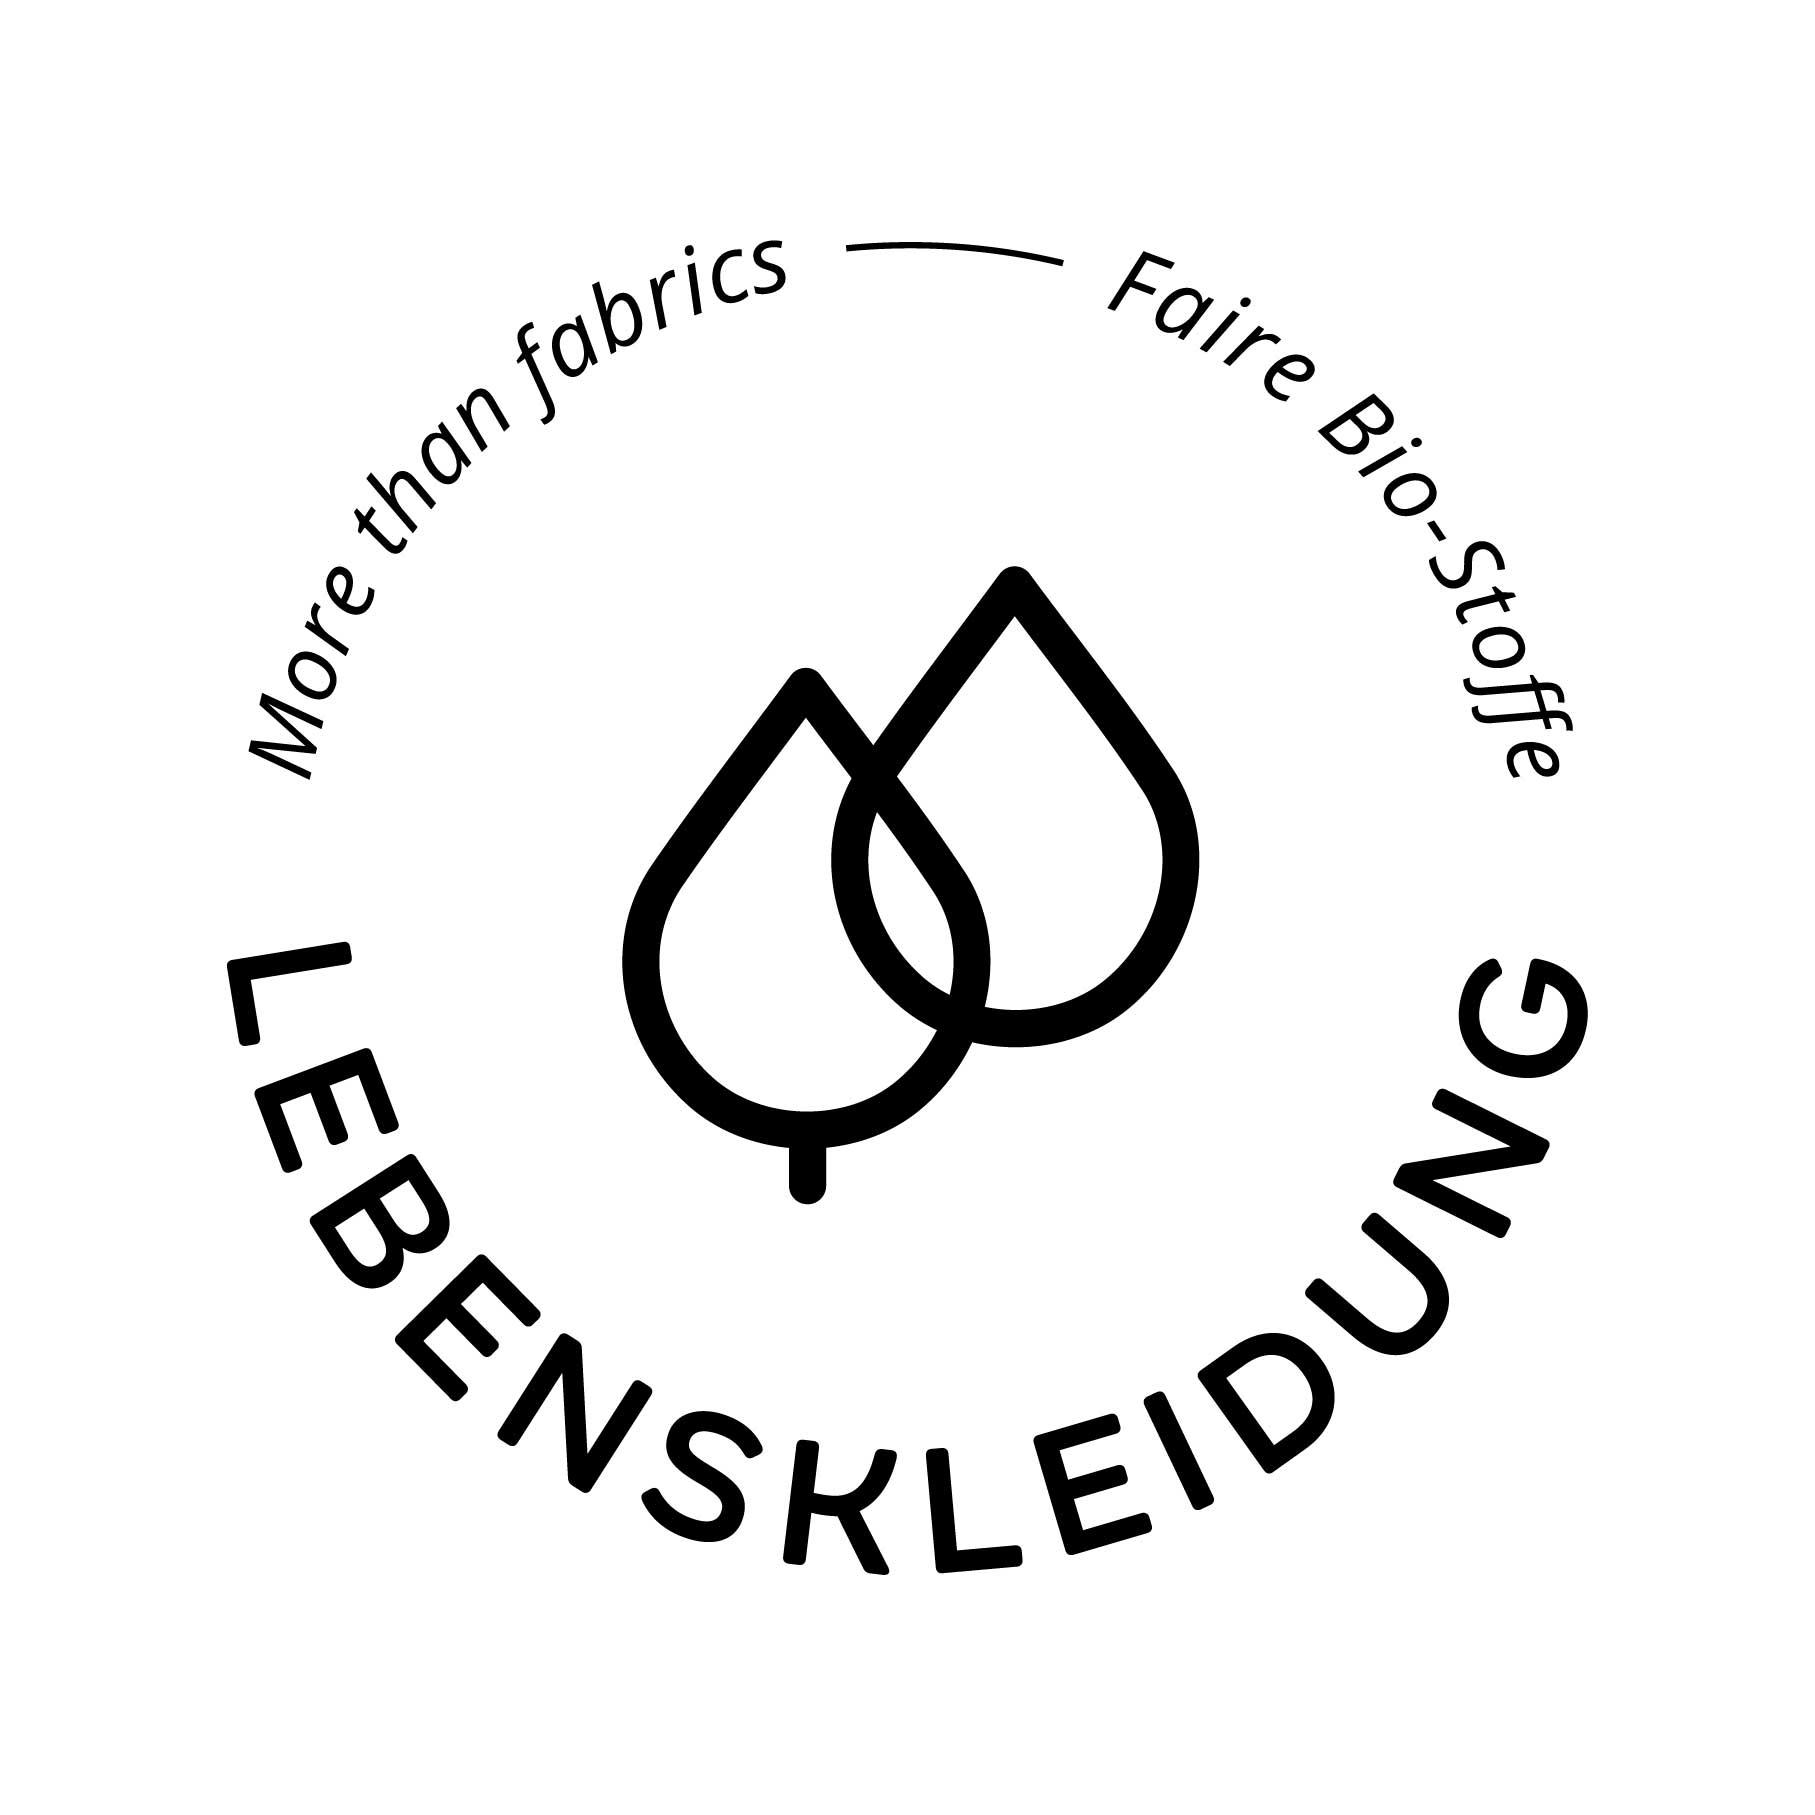 Bio Tessuto di RIB 2x1 (Polsino) - Screziato - Scuro